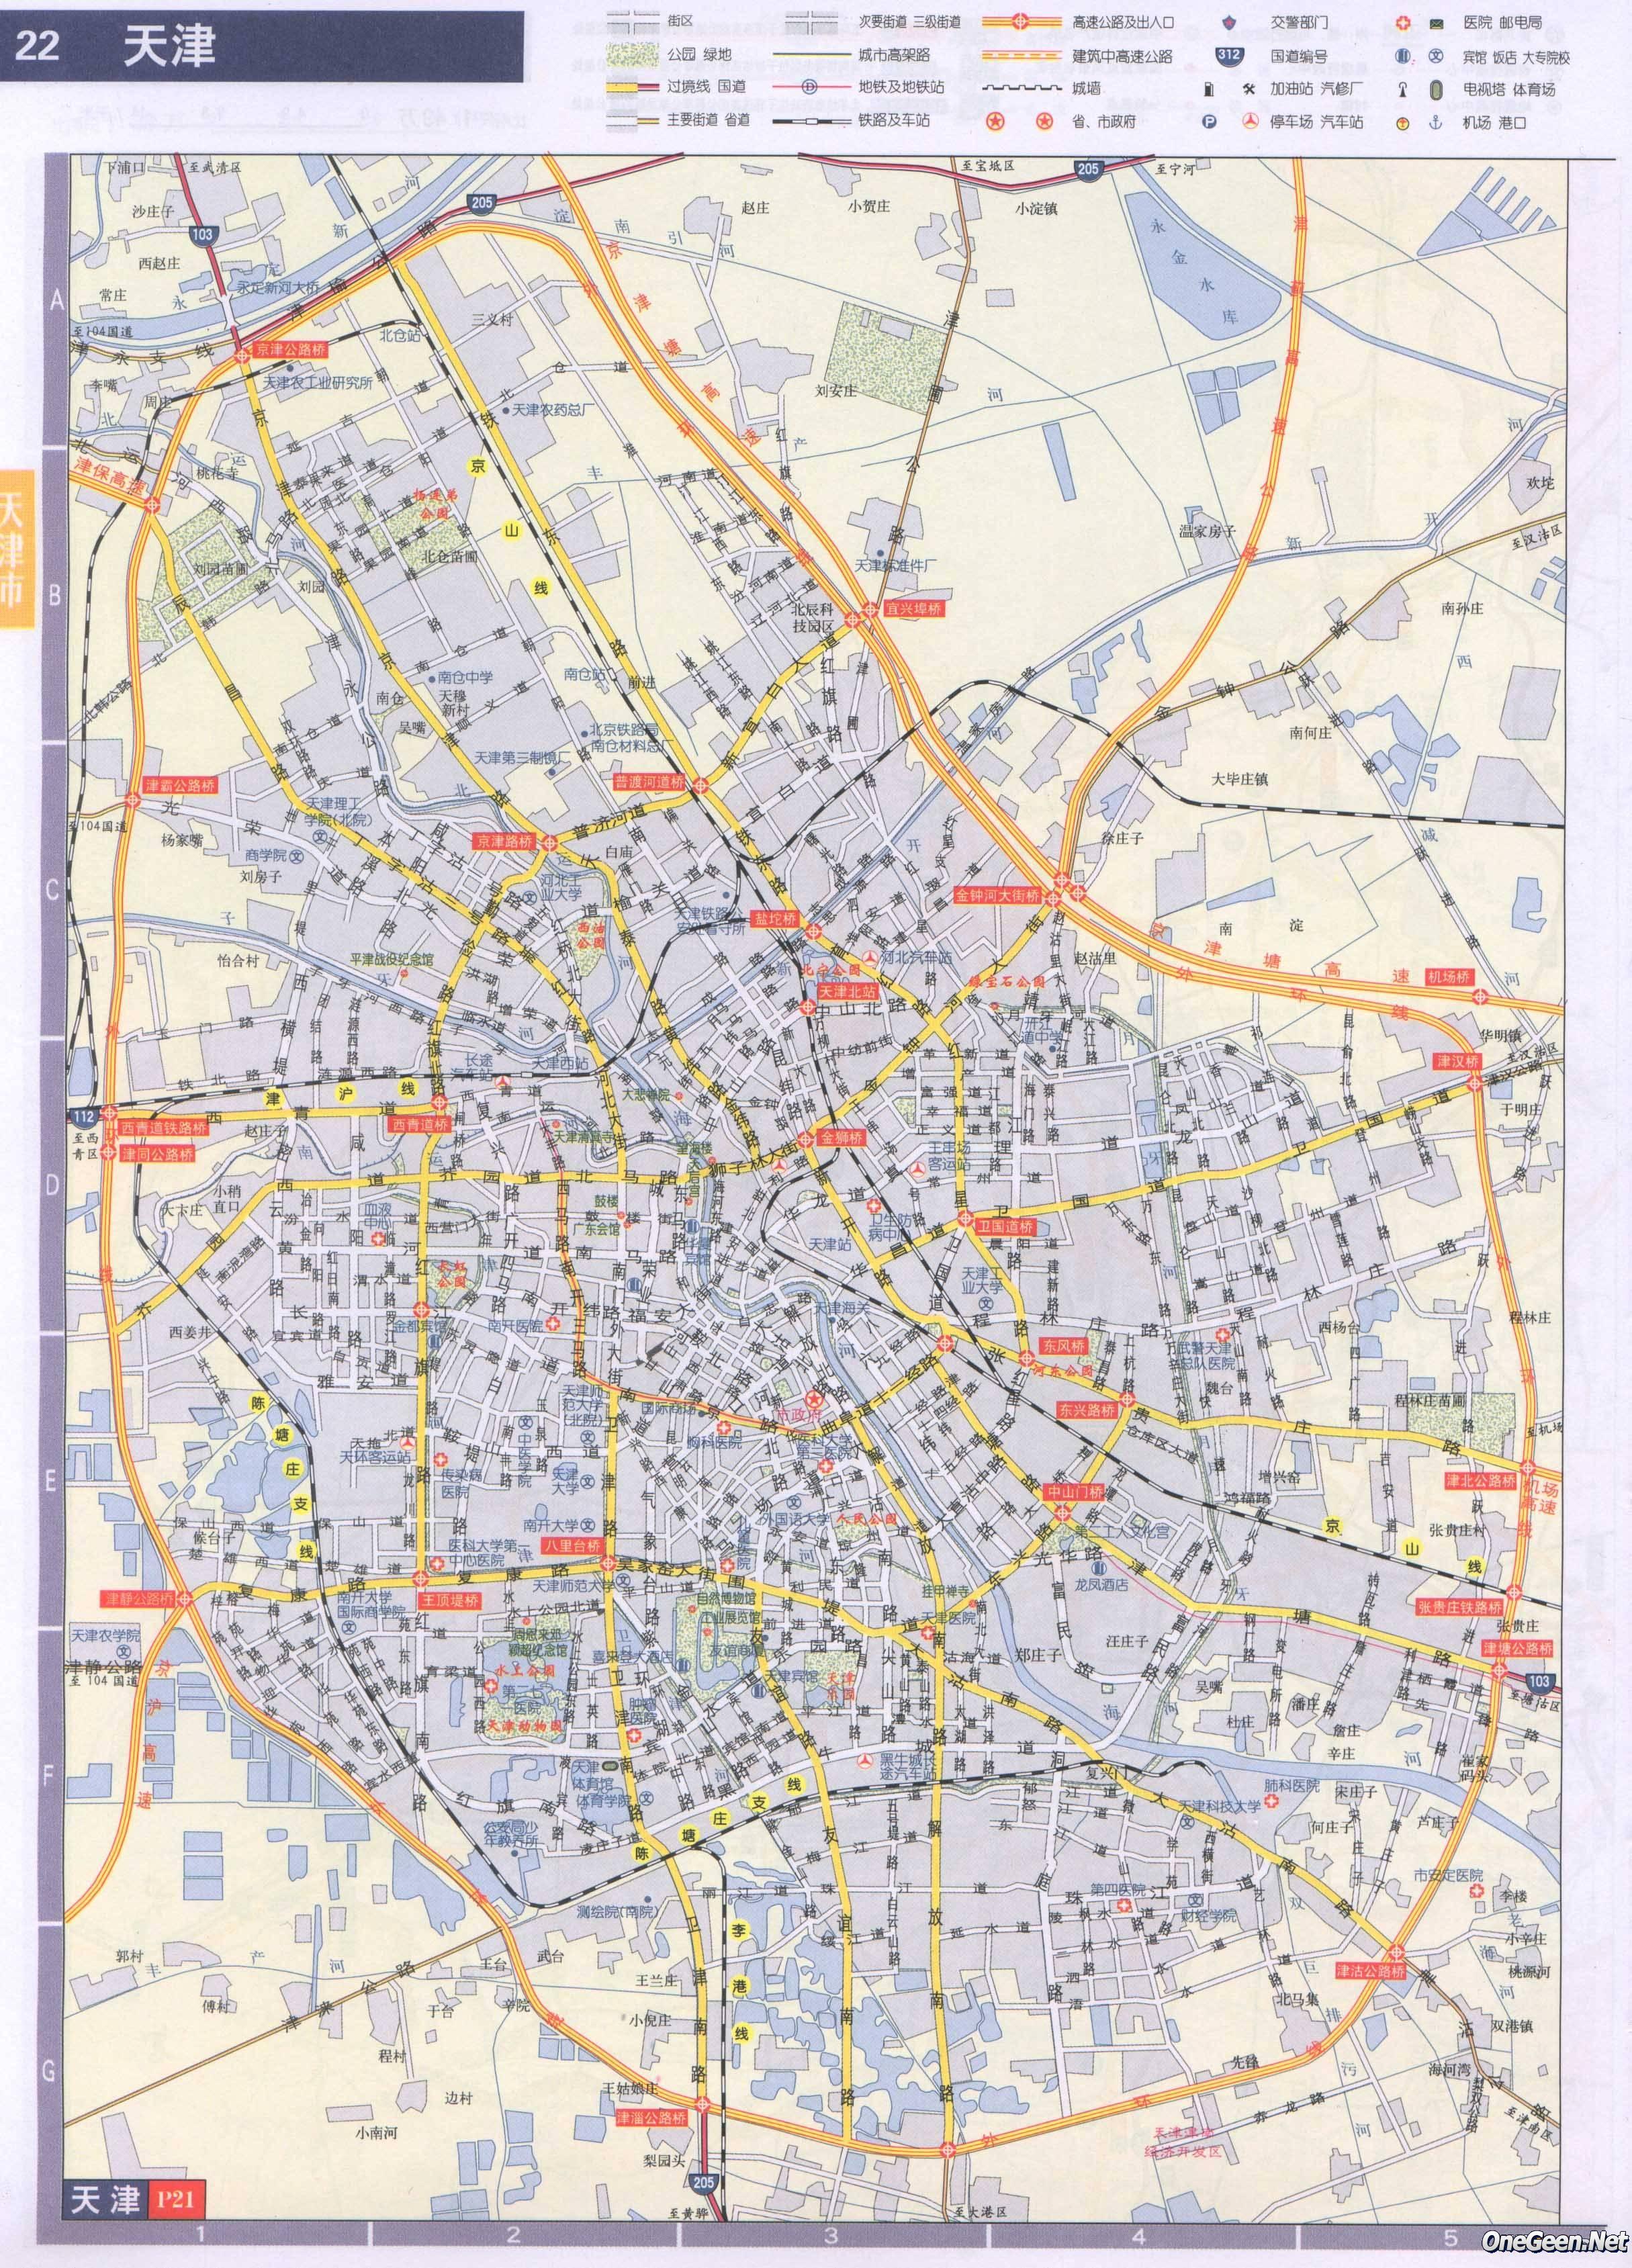 天津市区交通图 交通地图库